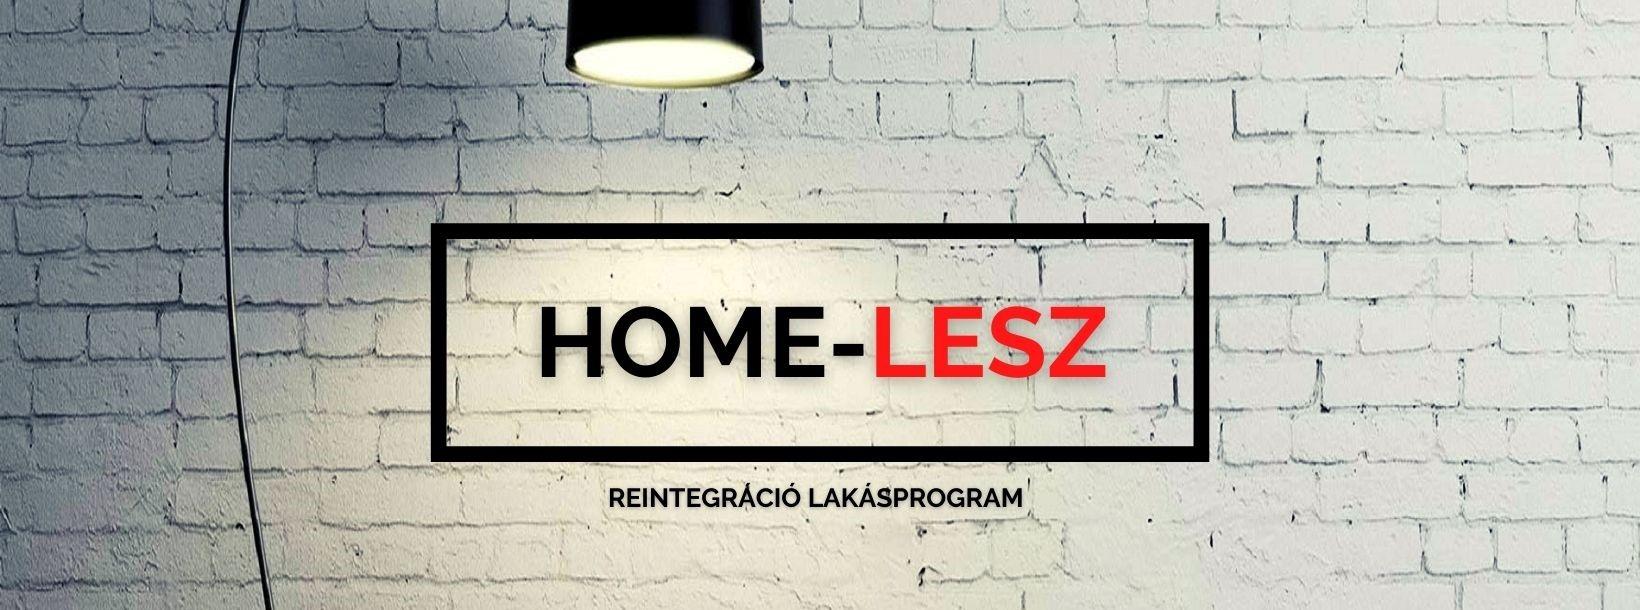 home_lesz1